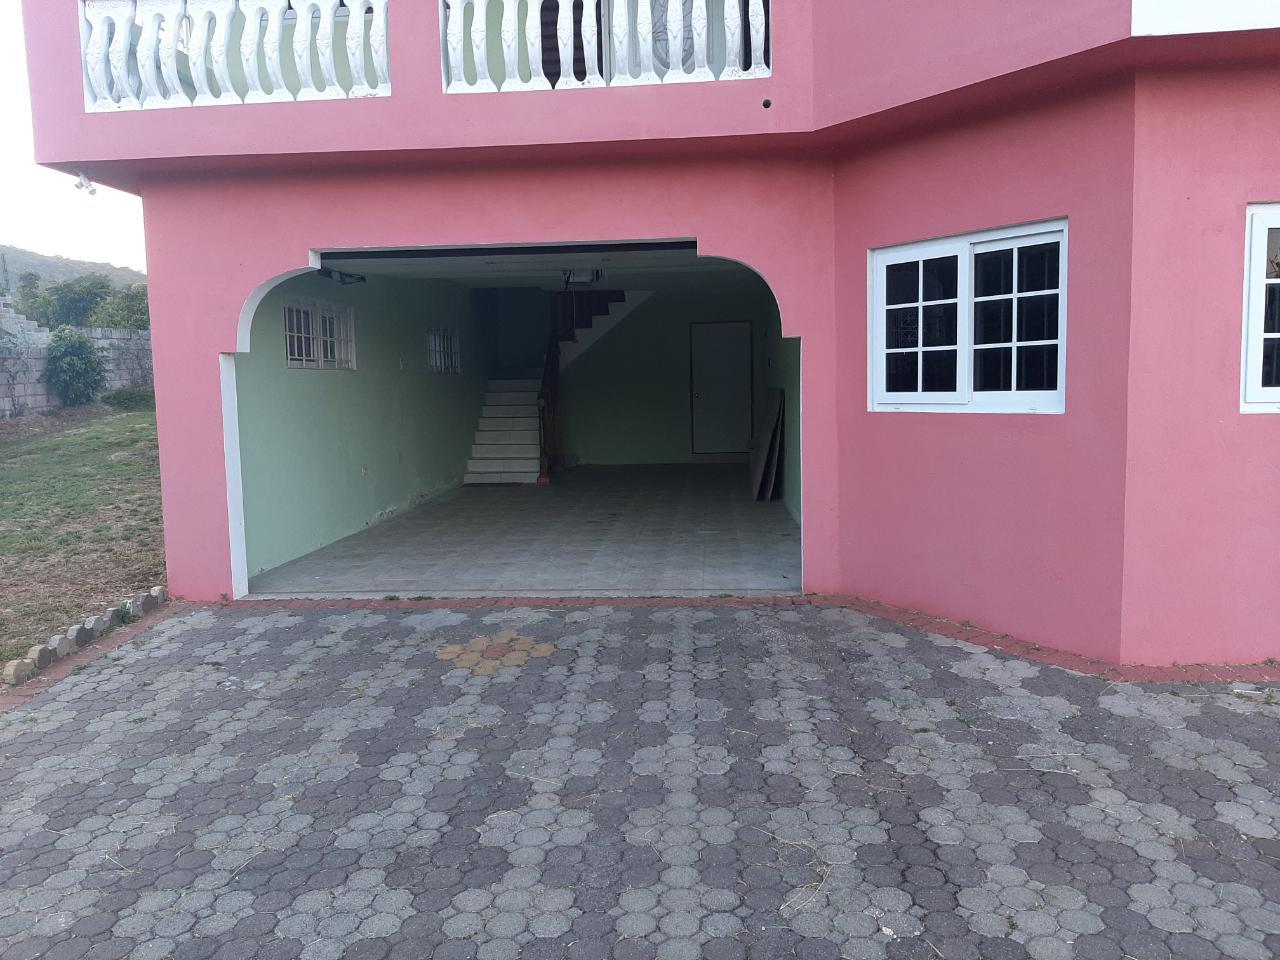 20 Bedrooms 20 Bathrooms , House for Sale in Ocho Rios , CBJR